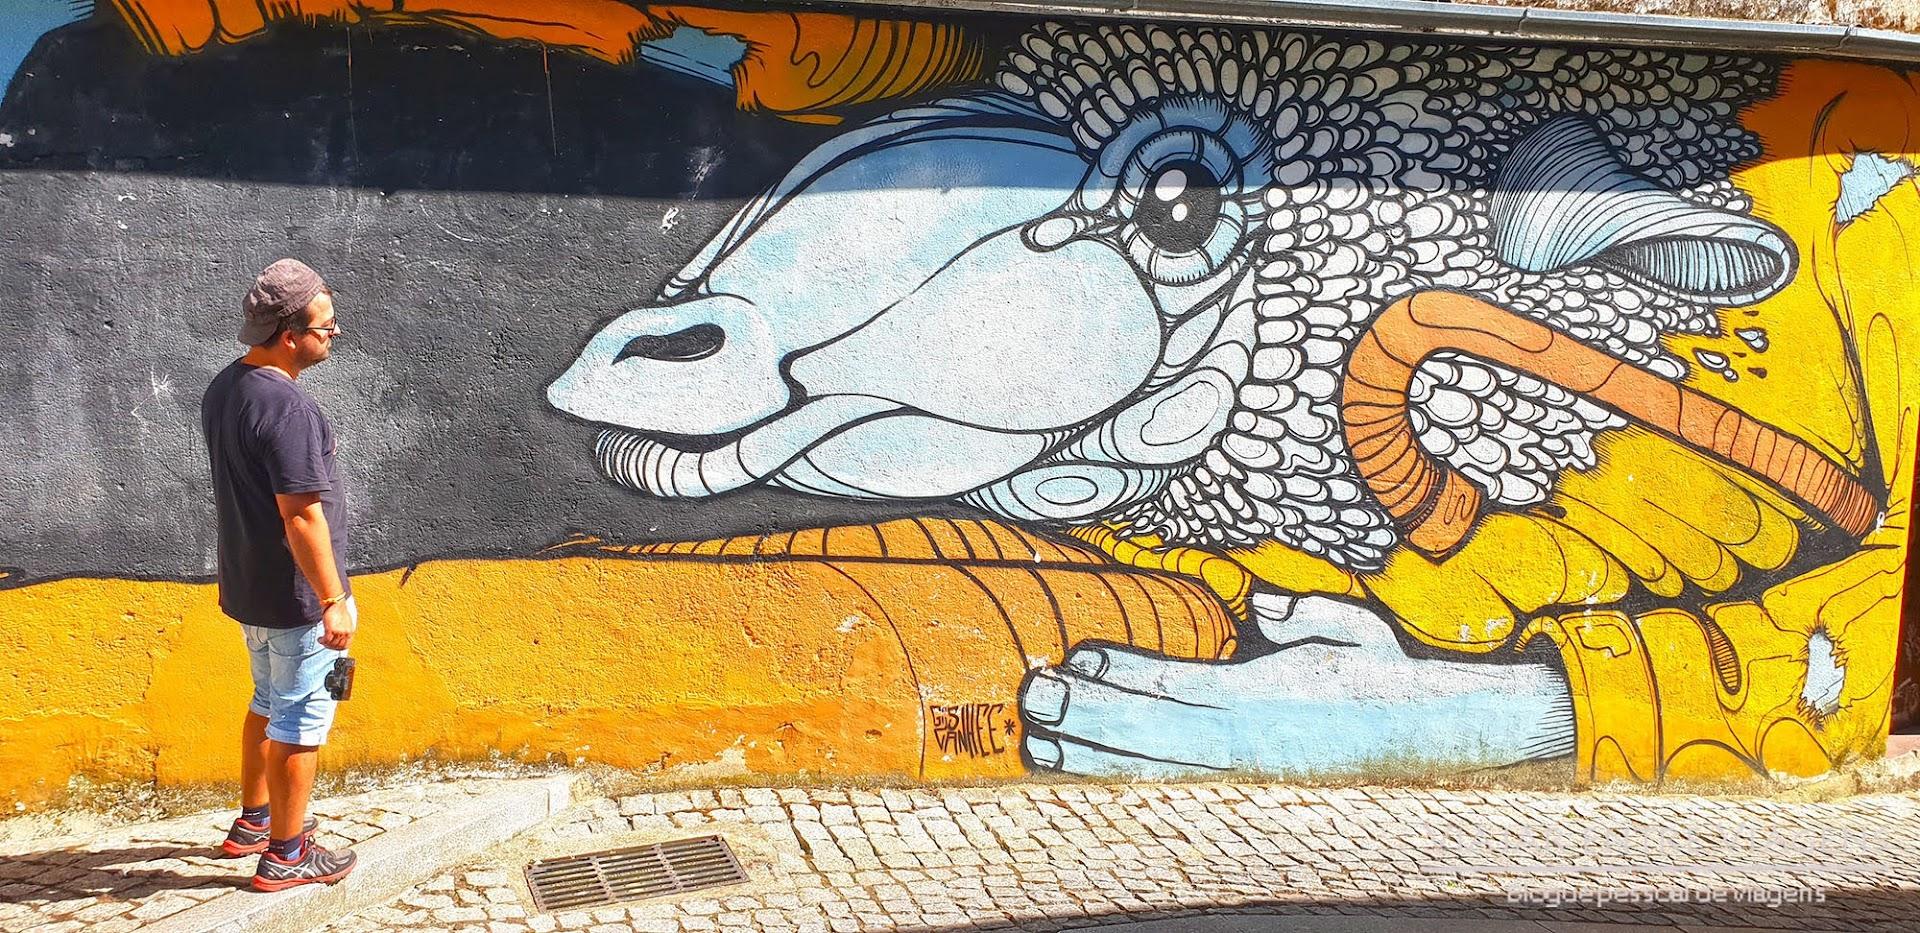 COVILHÃ - Roteiro para visitar o centro histórico e arte urbana